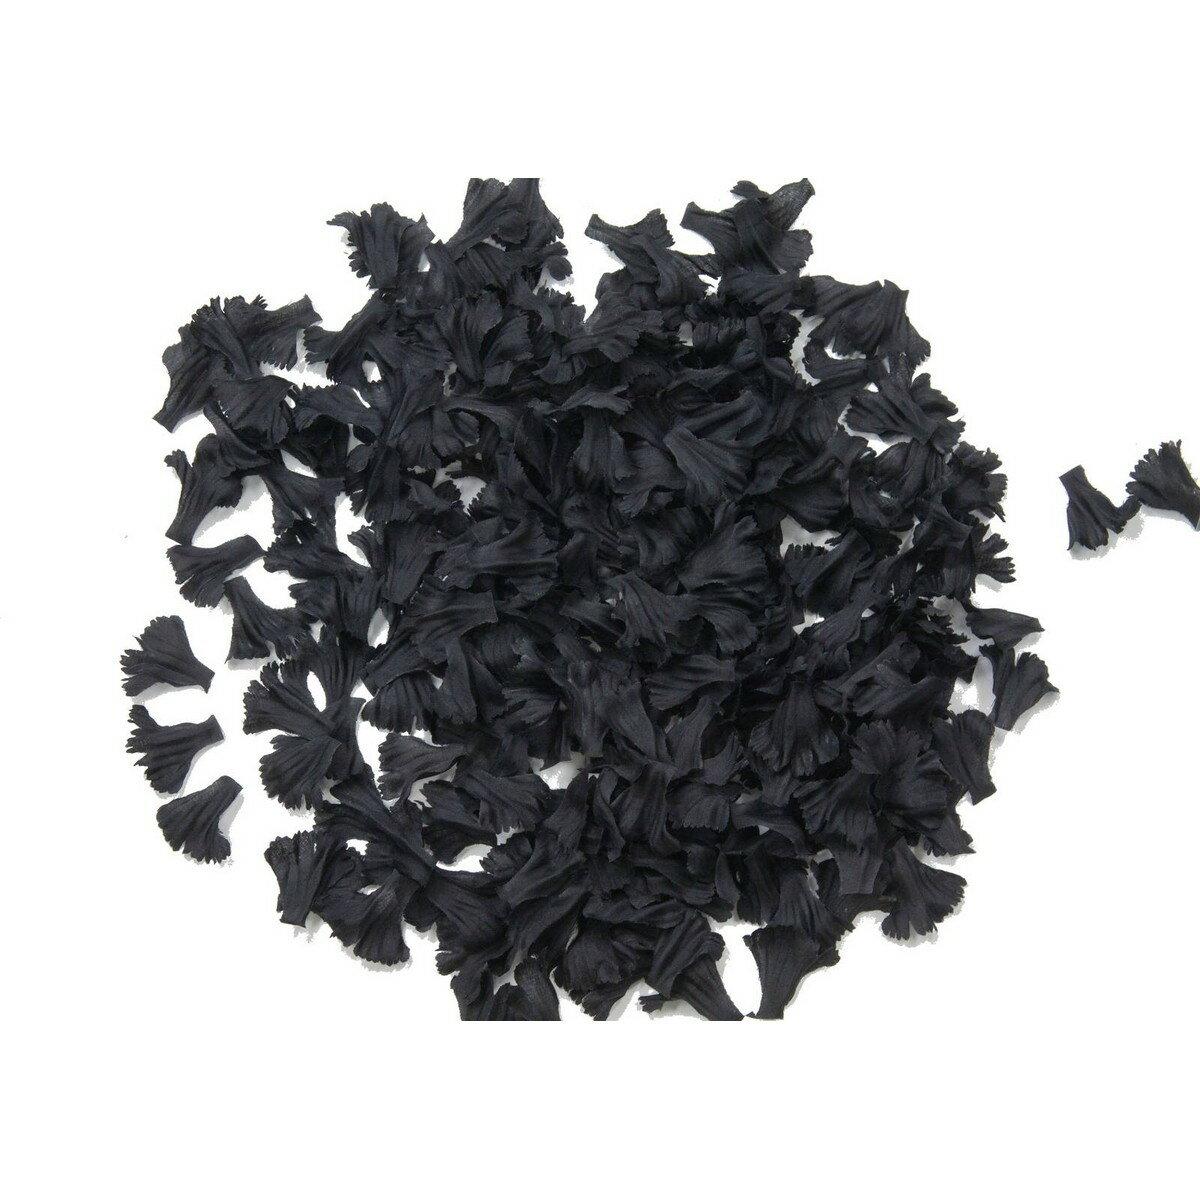 【造花】YDM/カーネーションペタルパック ブラック 約500枚入/FA-7178-BLK【01】【01】【取寄】《 造花(アーティフィシャルフラワー) 造花 花材「か行」 カーネーション 》